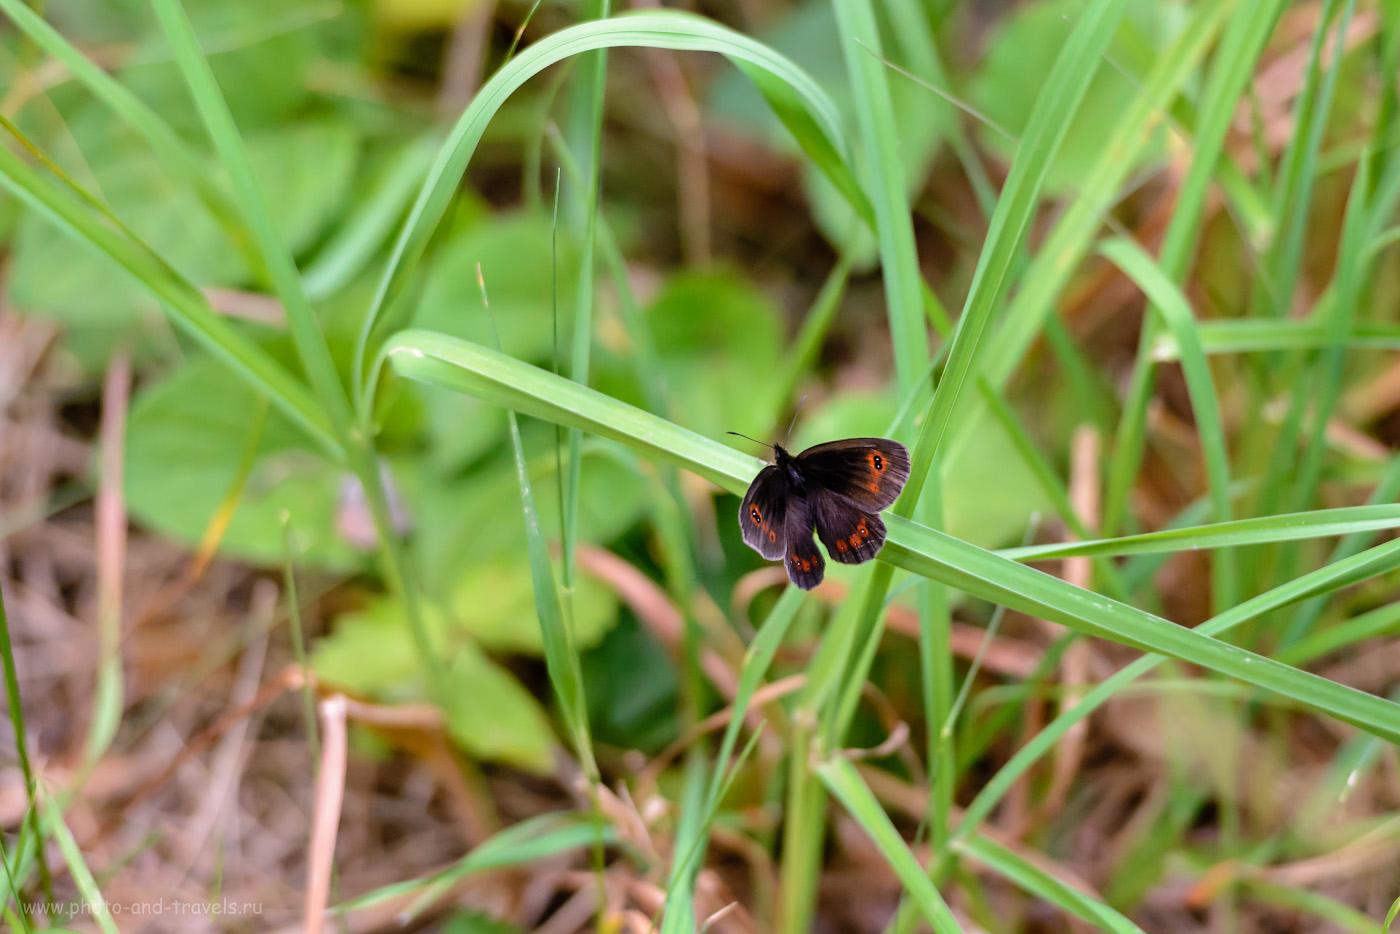 Фотография 8. Как я фотографировал бабочек в окрестностях Аракаево. 1/400, 2.8, 1600, 200.